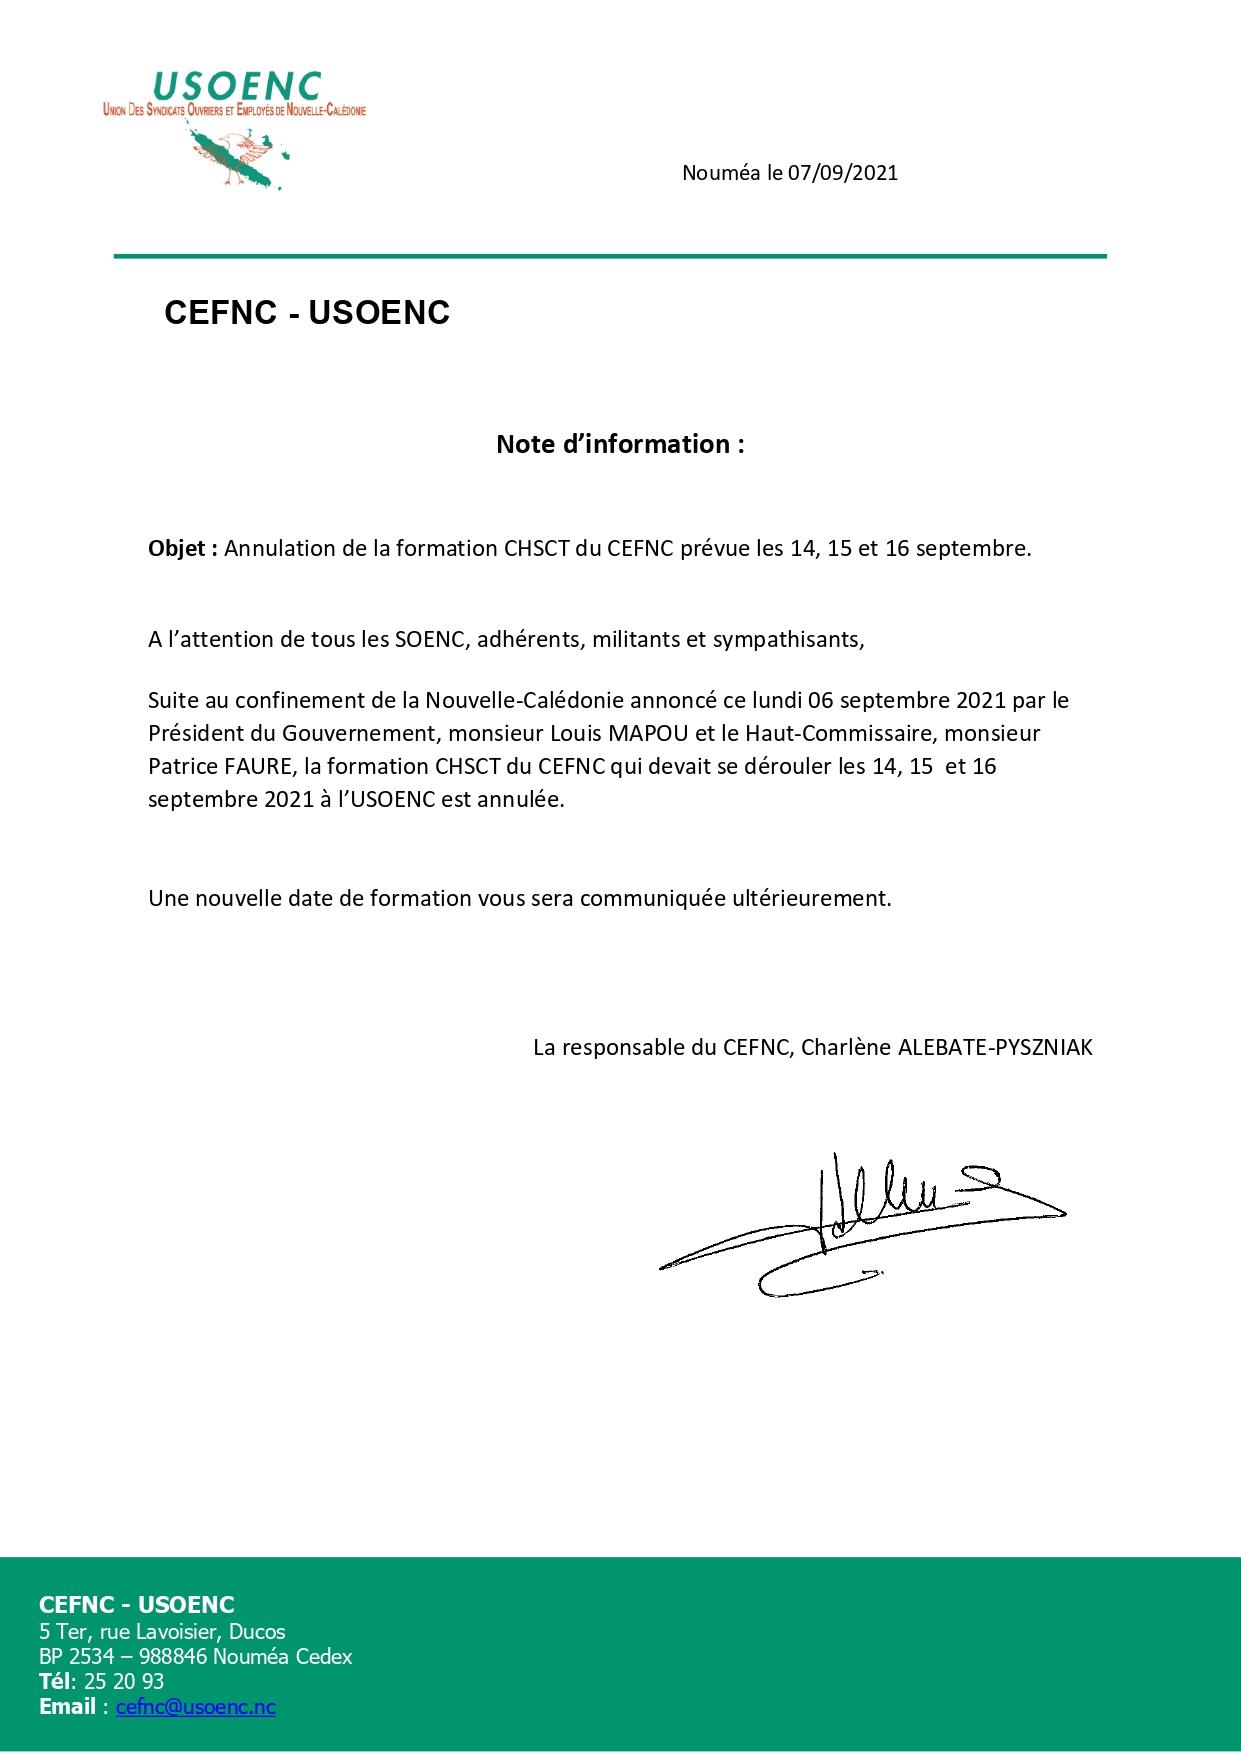 CEFNC : Annulation de la formation CHSCT prévue les 14, 15 et 16 septembre